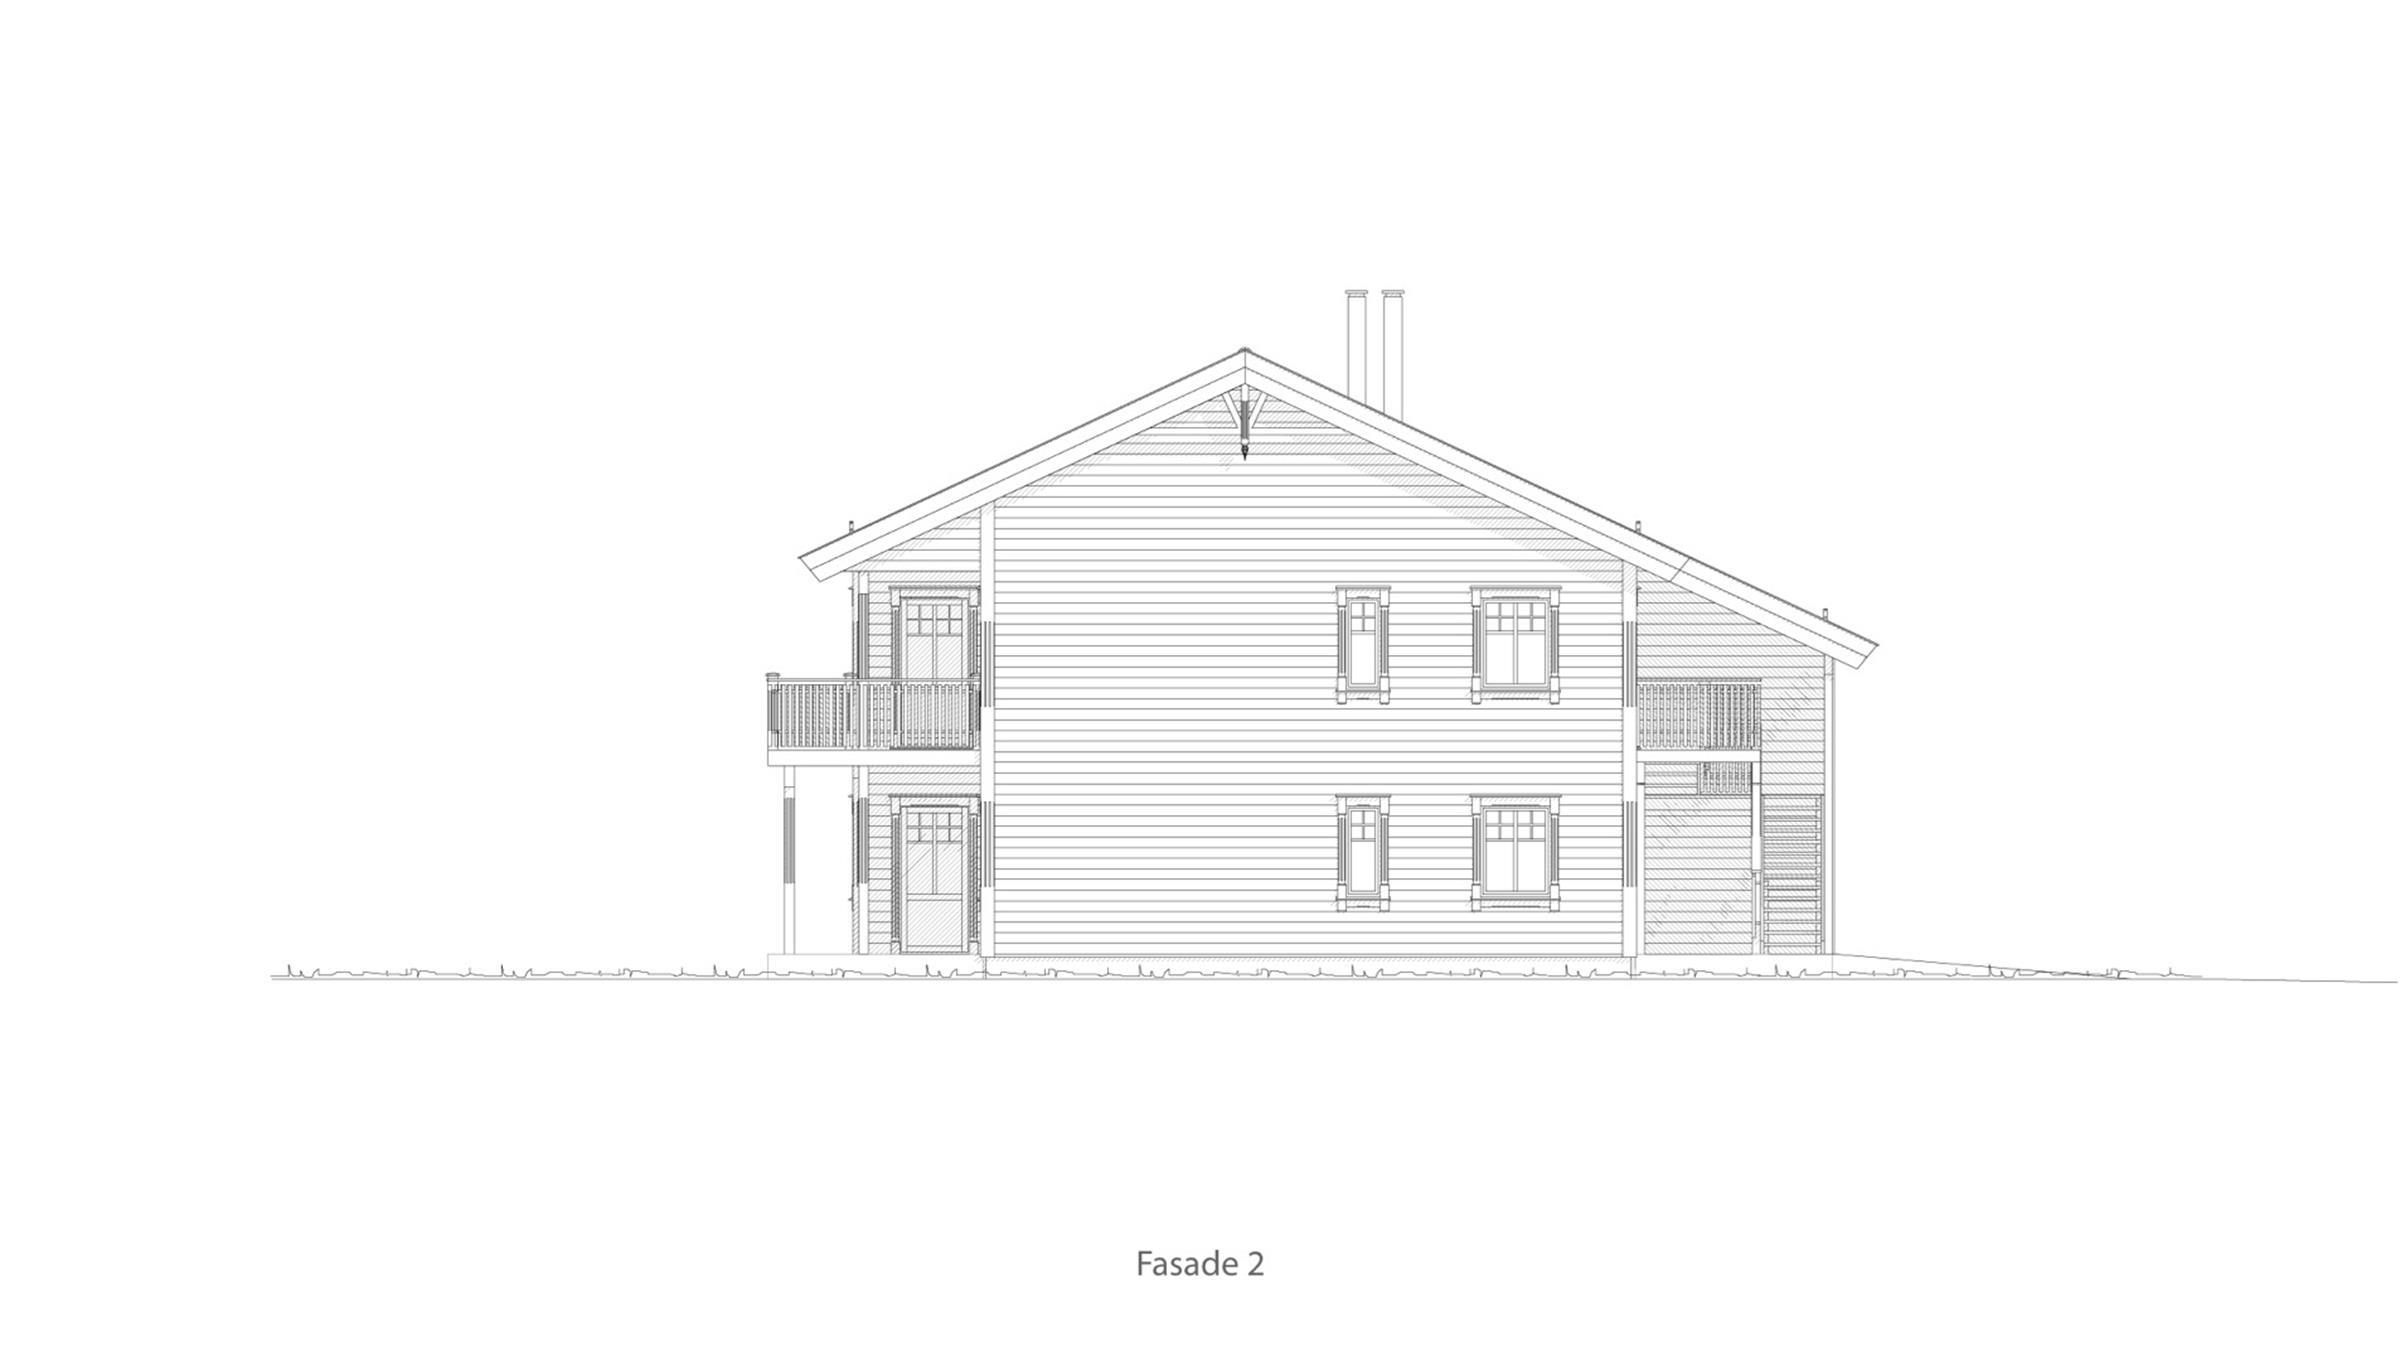 Orkanger fasade 2